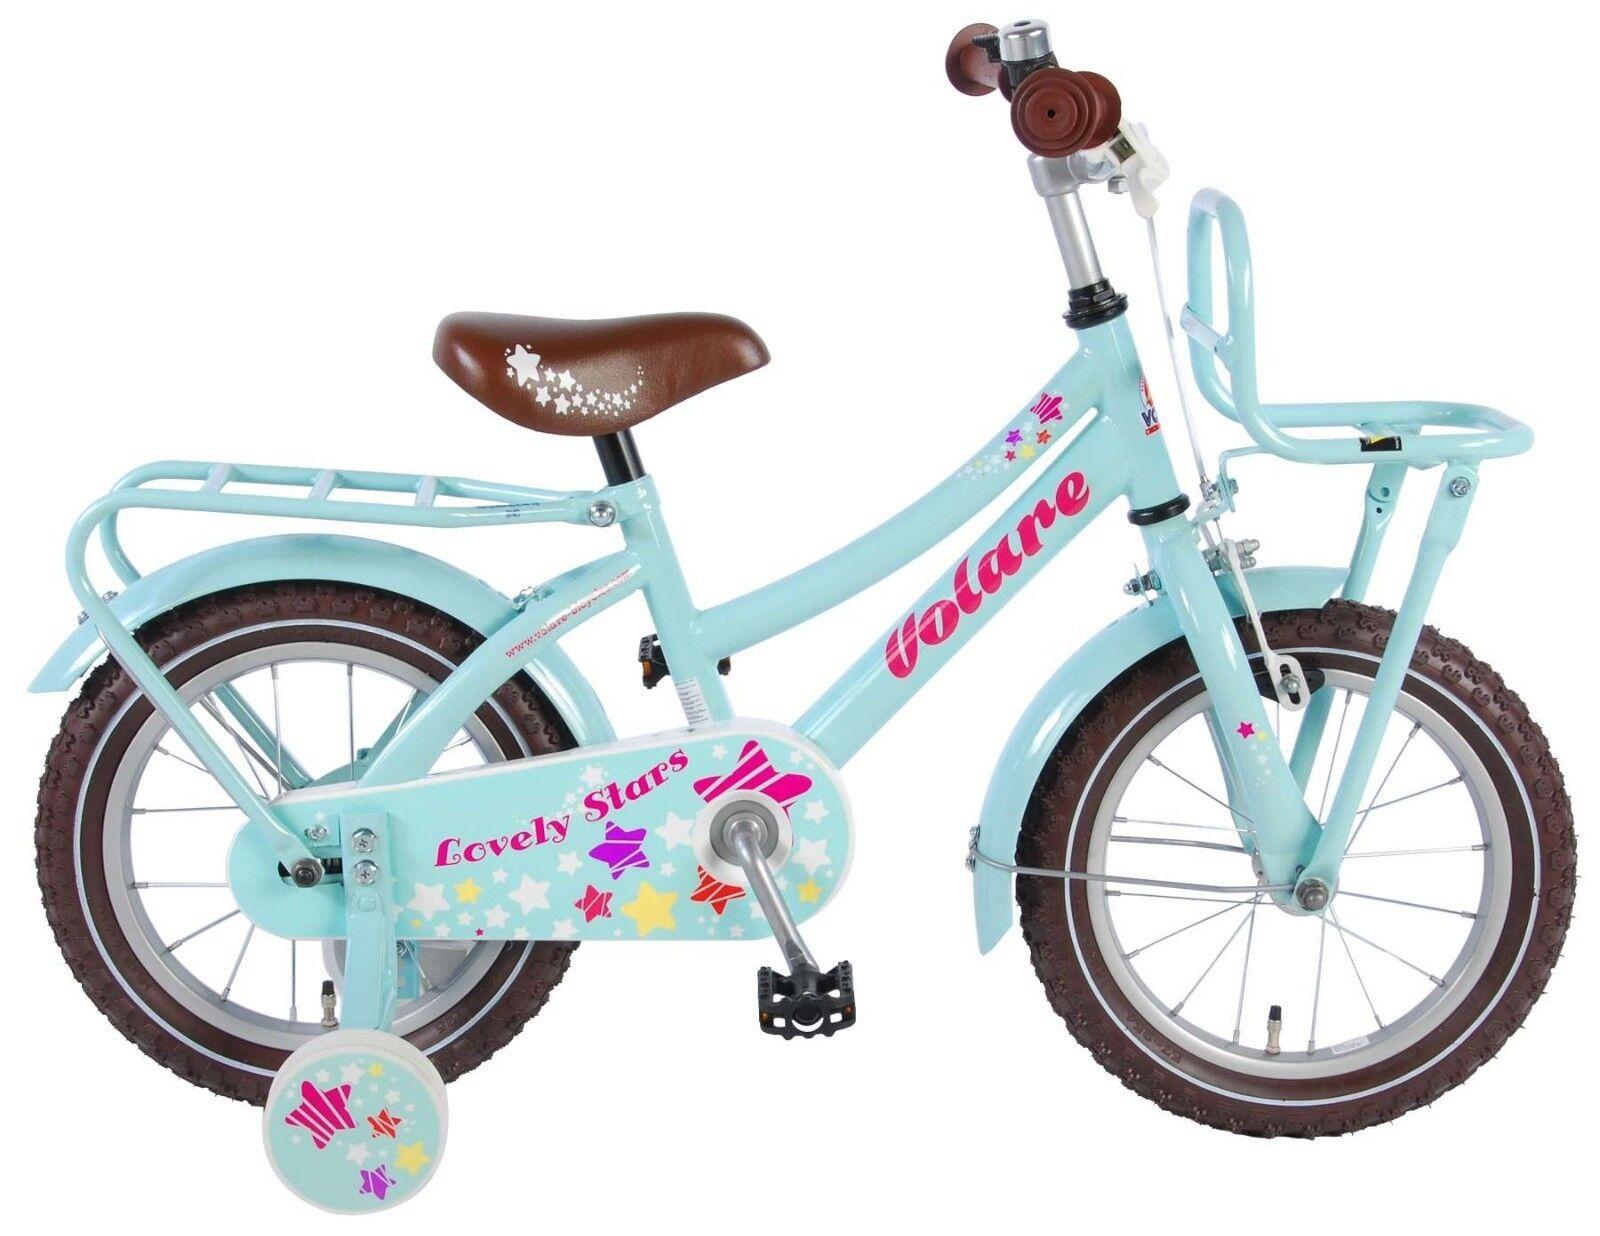 14 Zoll Fahrrad  Kinderfahrrad Mädchen Kinder Stützräder Hollandrad Blau Rosa